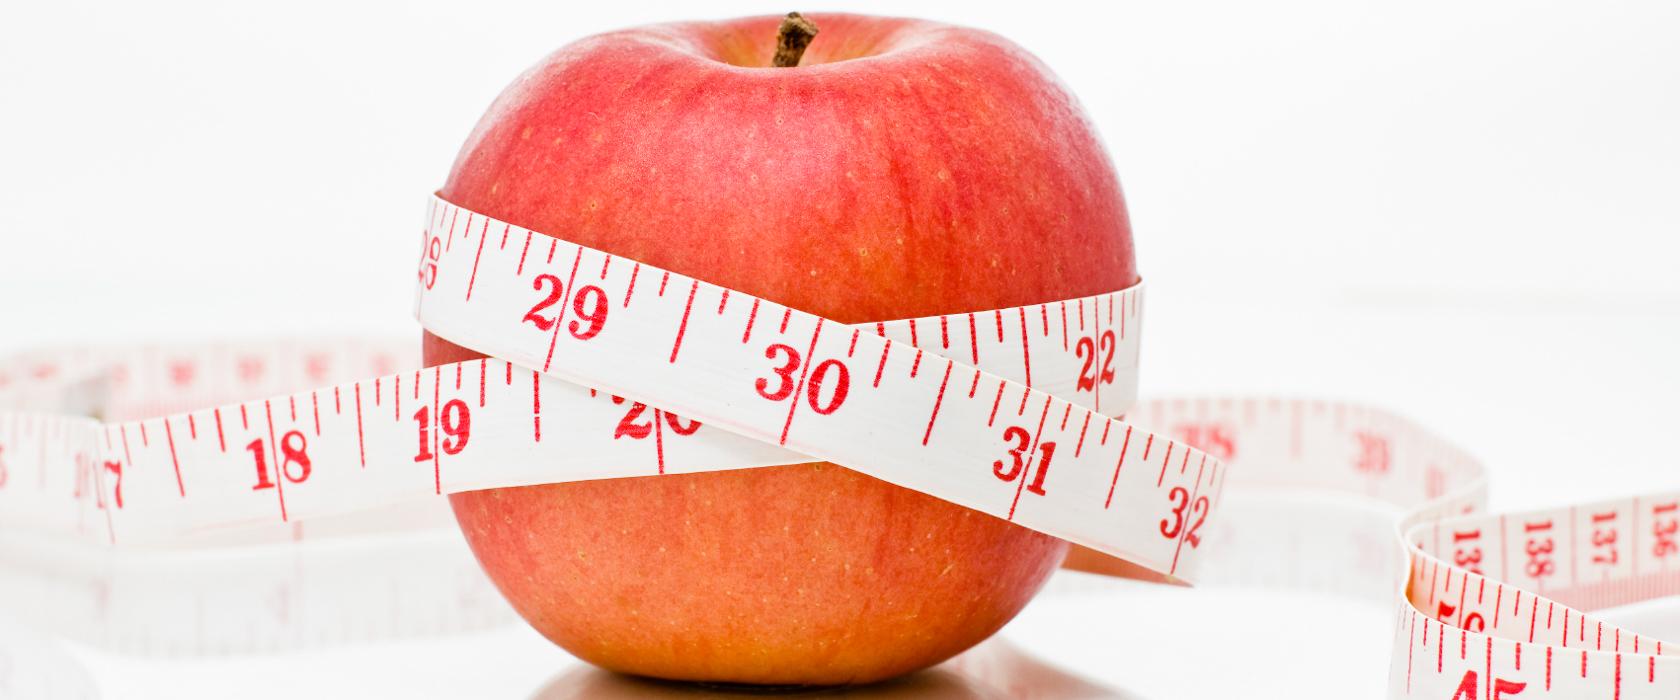 Калории, ккал. Сколько нужно калорий?